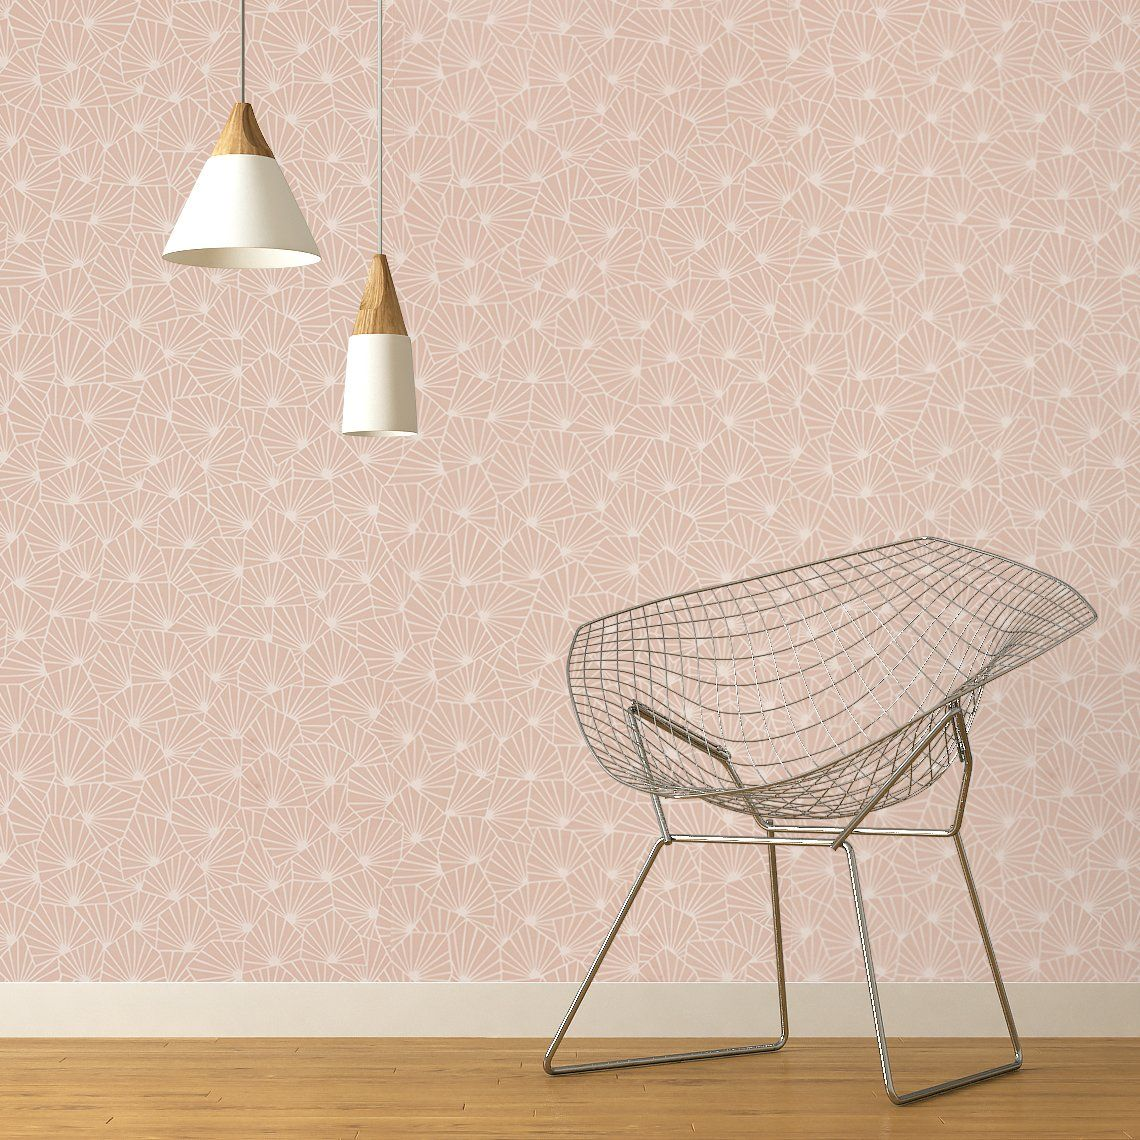 Colle Papier Peint Intissé Chantemur papier peint sacha 100% intissé motif graphique, rose poudré